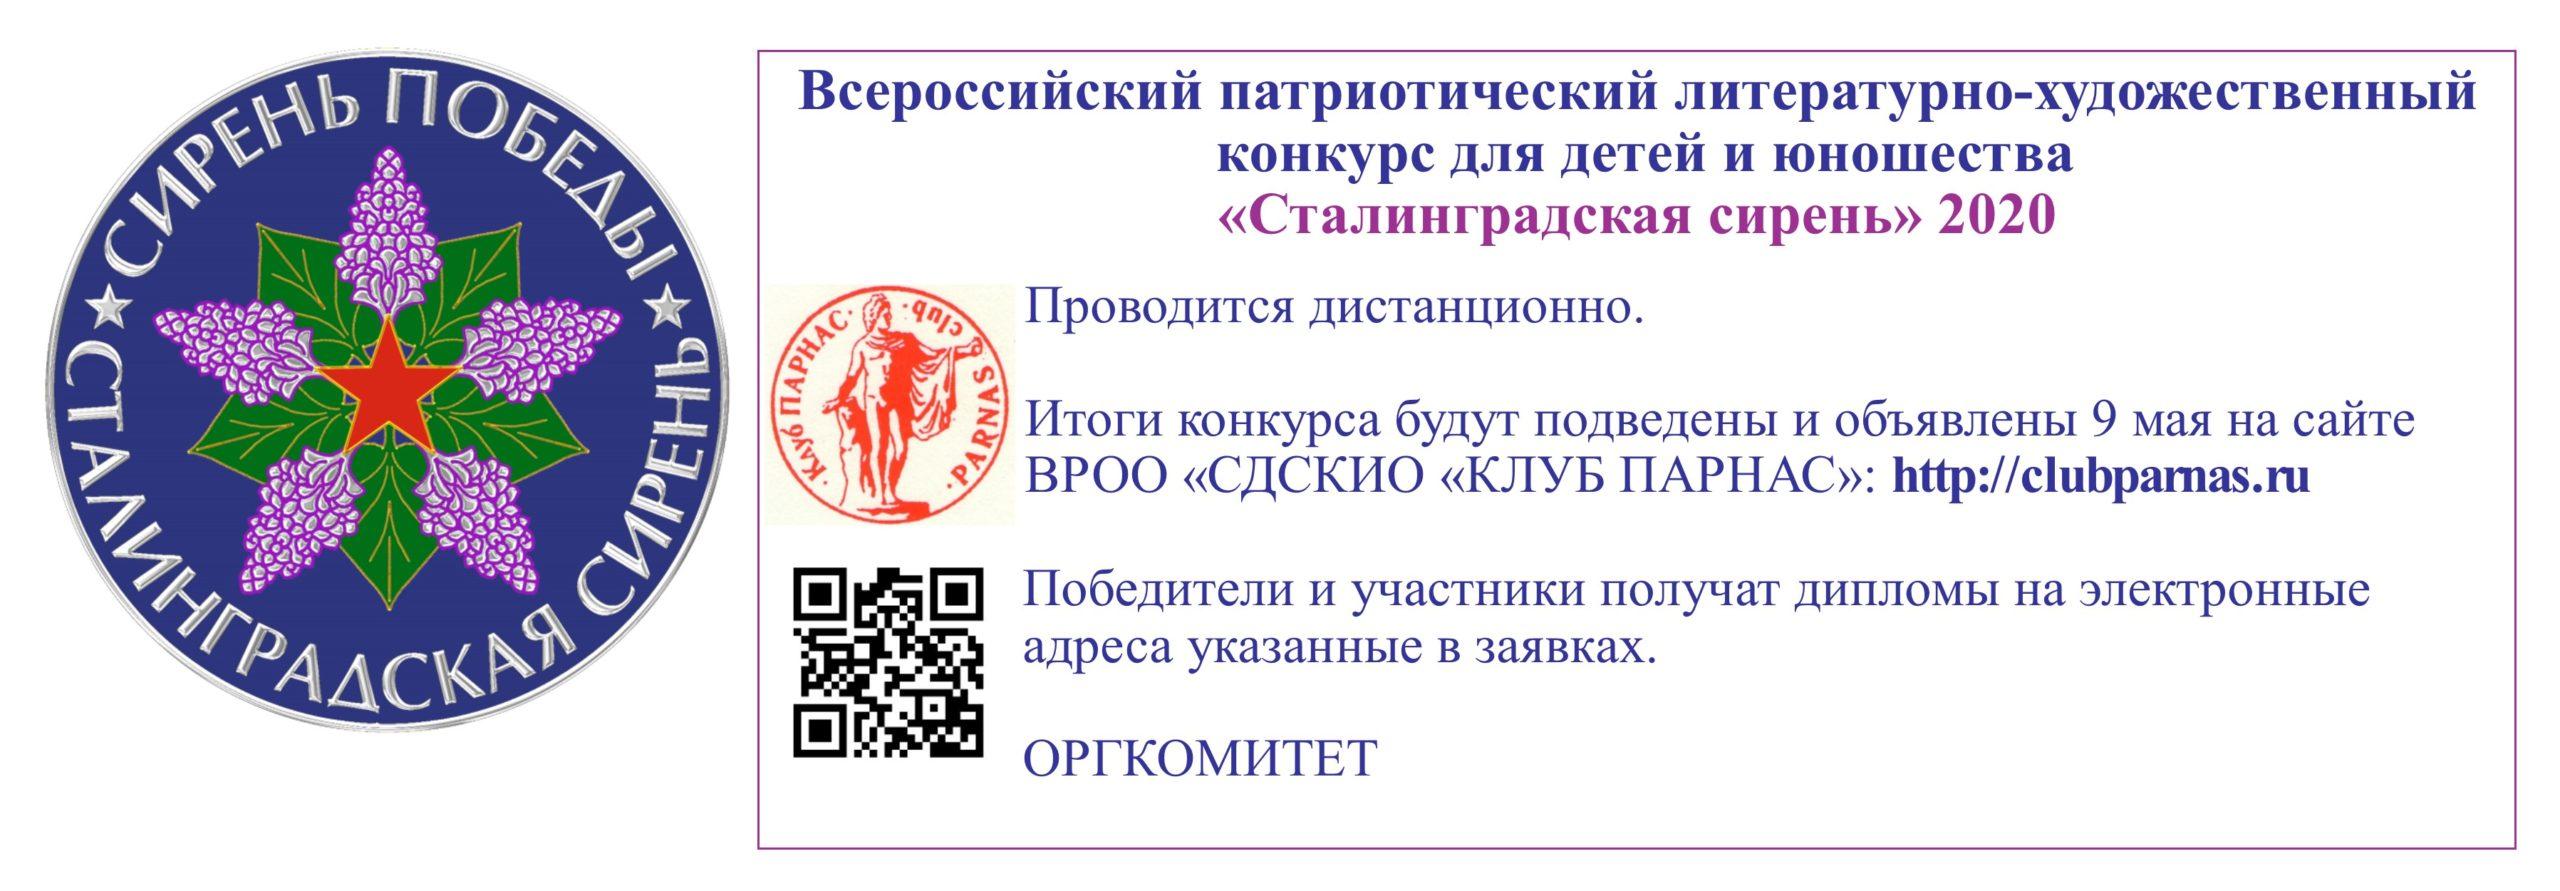 """Информационное сообщение всероссийского конкурса """"Сталинградская сирень"""" 2020"""